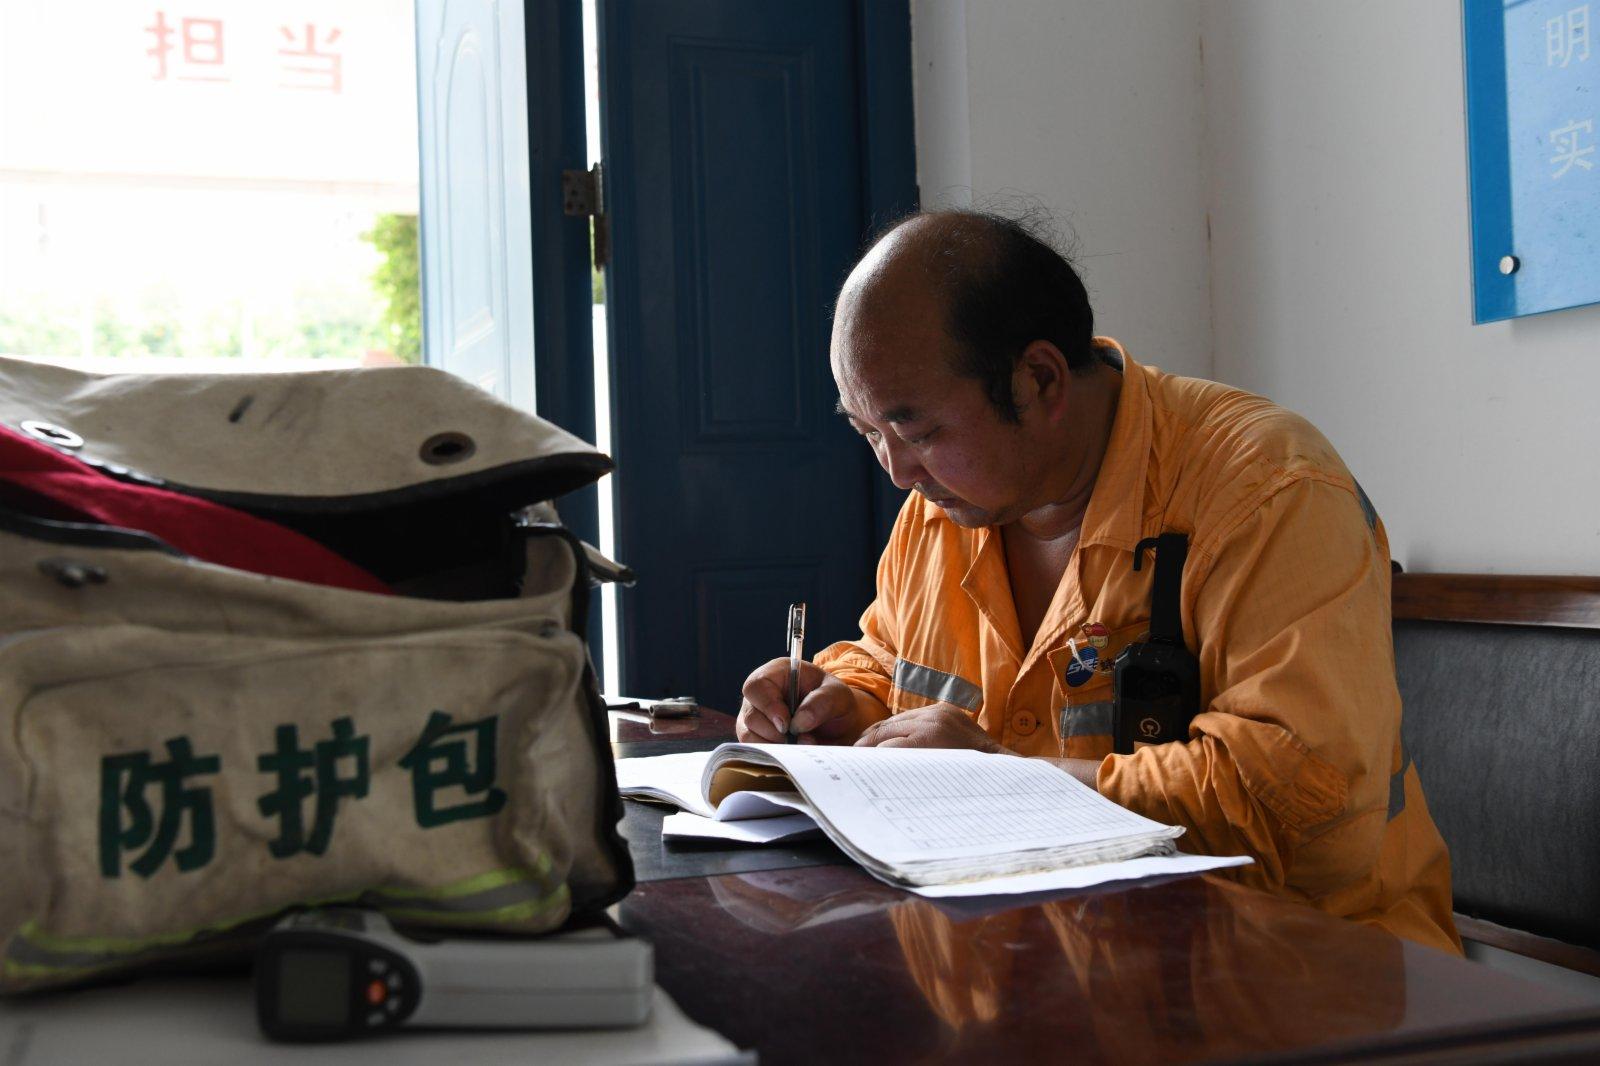 7月21日,橋隧工張道忠在蚌埠工務段蚌埠橋梁車間進行考勤記錄。(新華社)